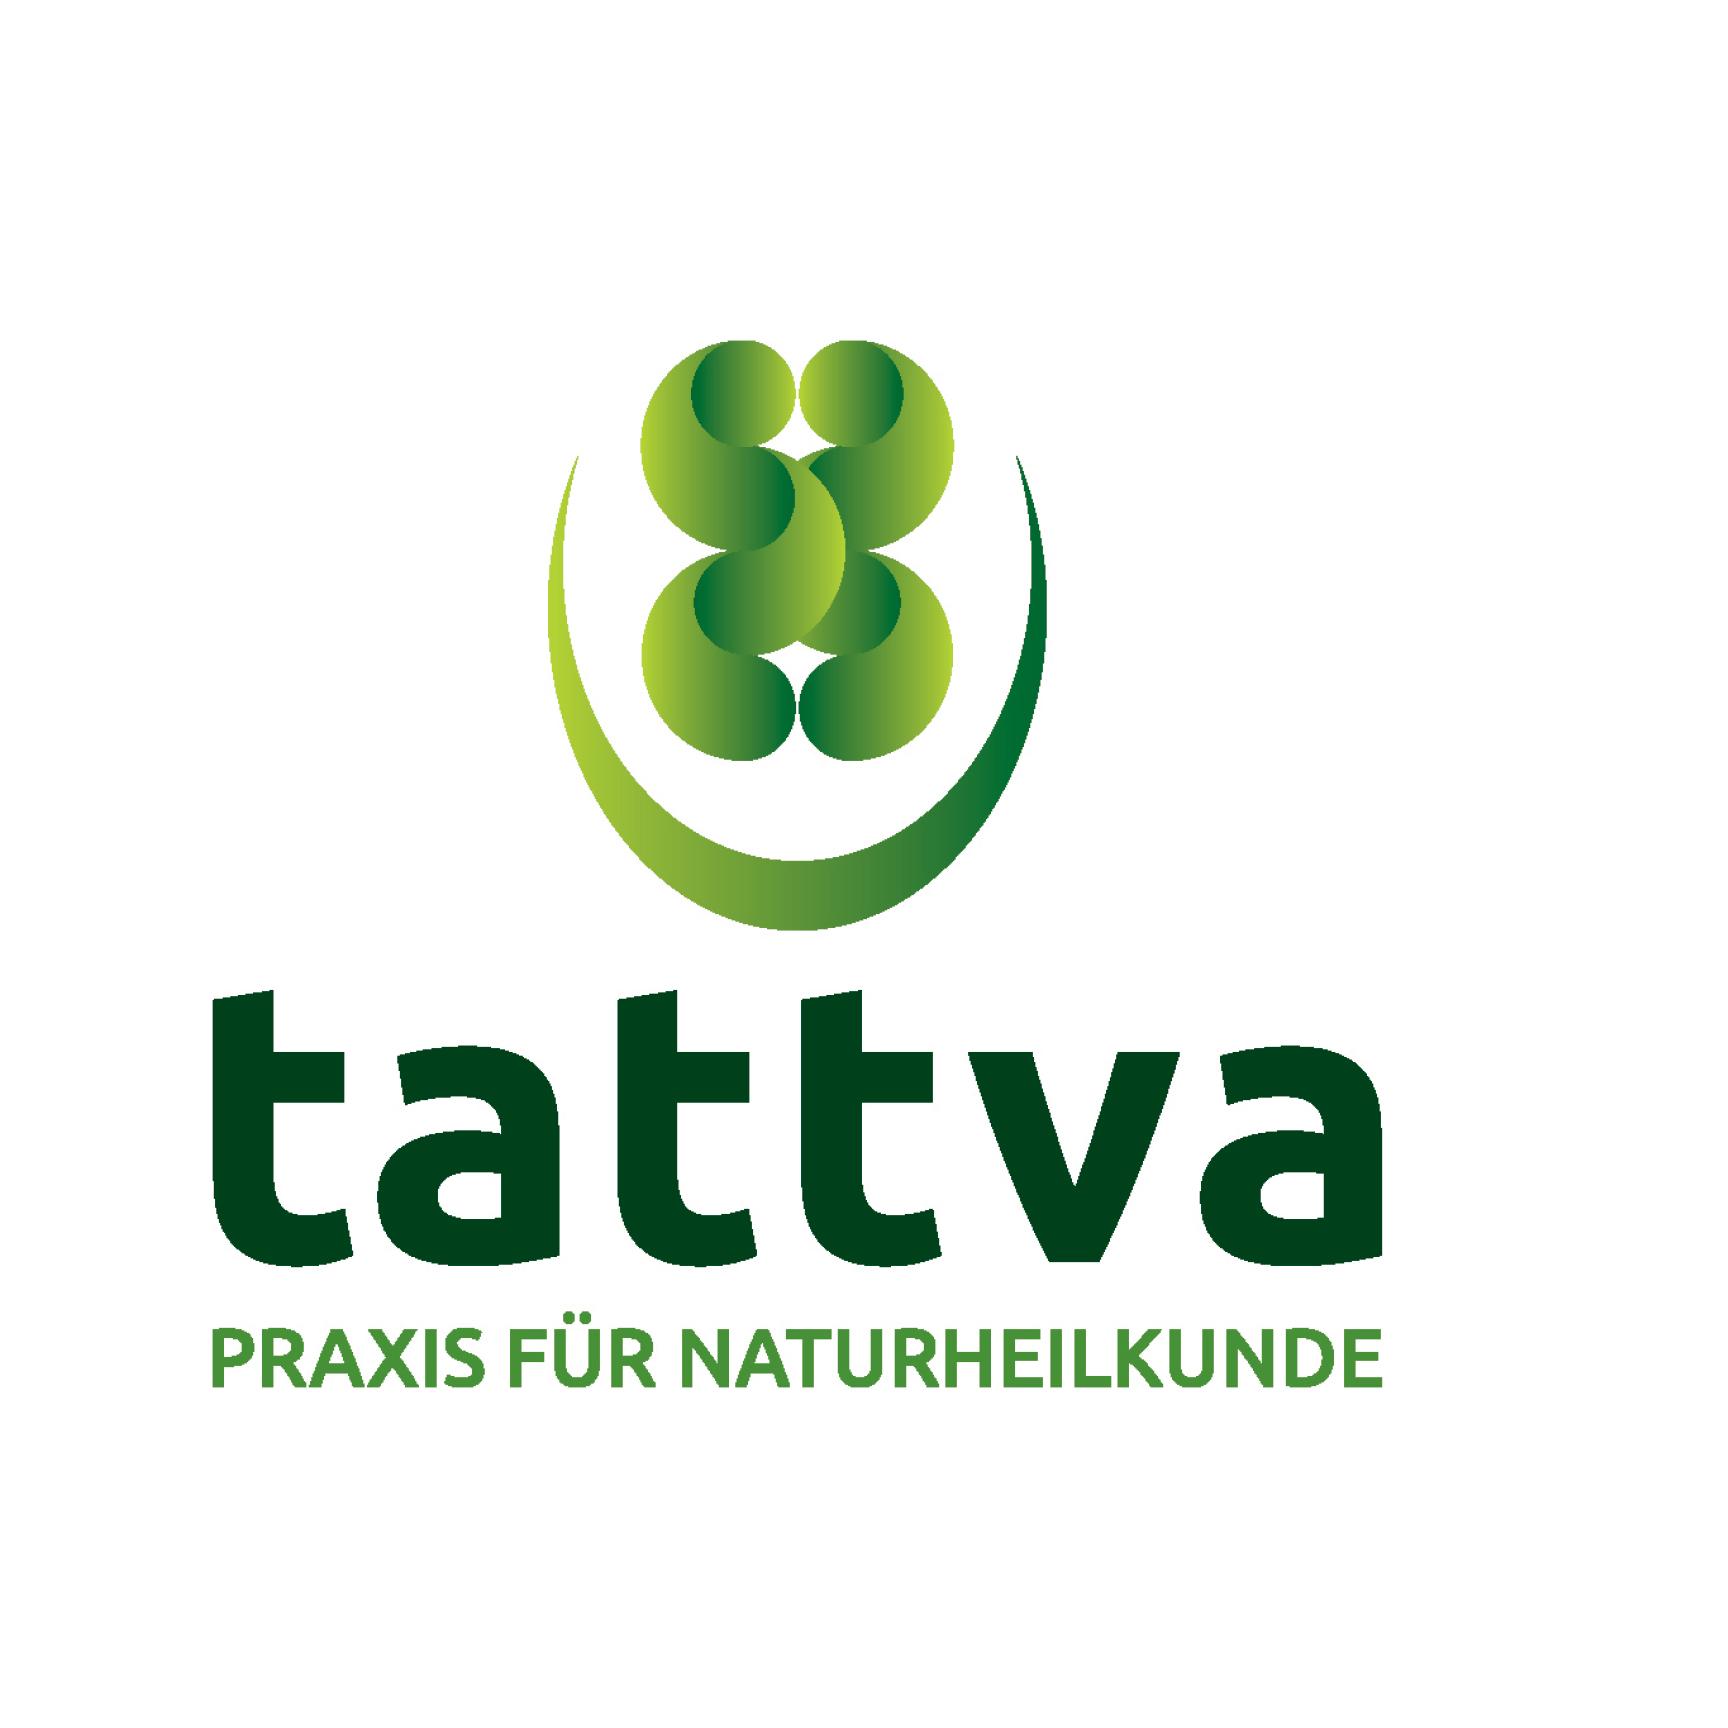 Tattva Praxis für Naturheilkunde